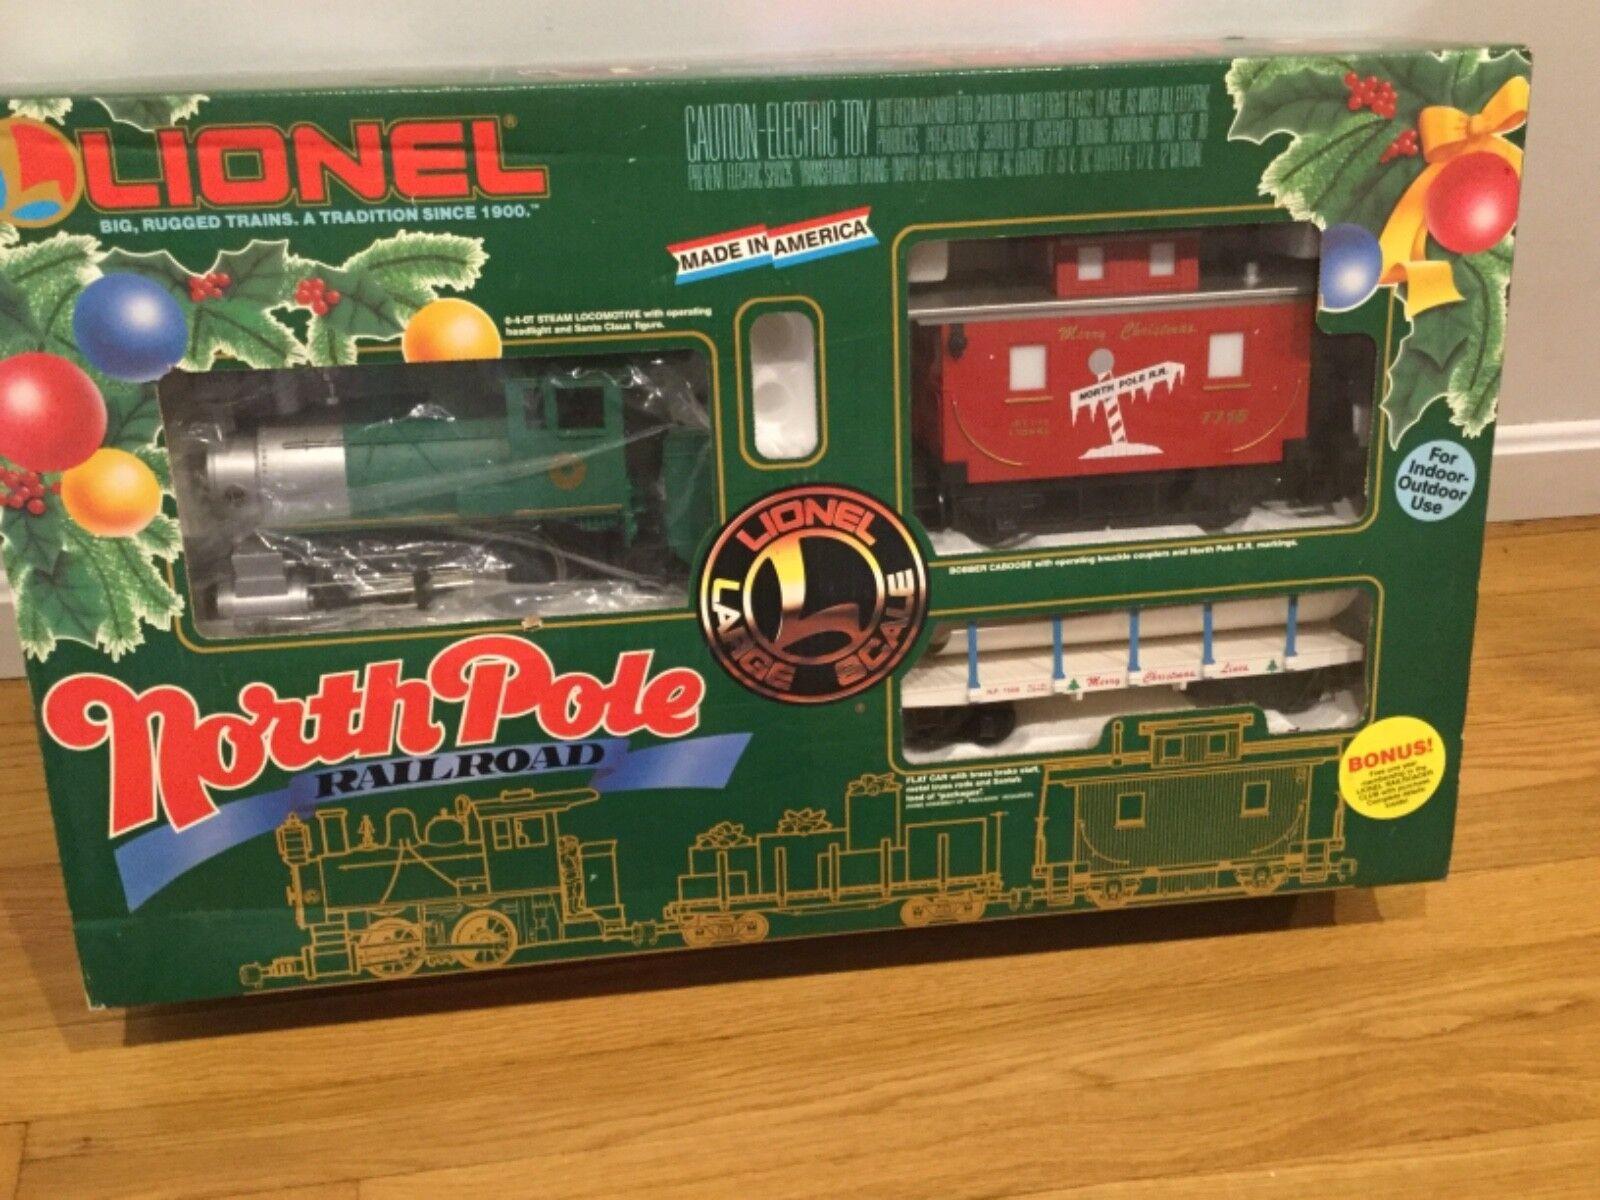 Lionel 881004 NORTH POLE Treno Set in Scatola